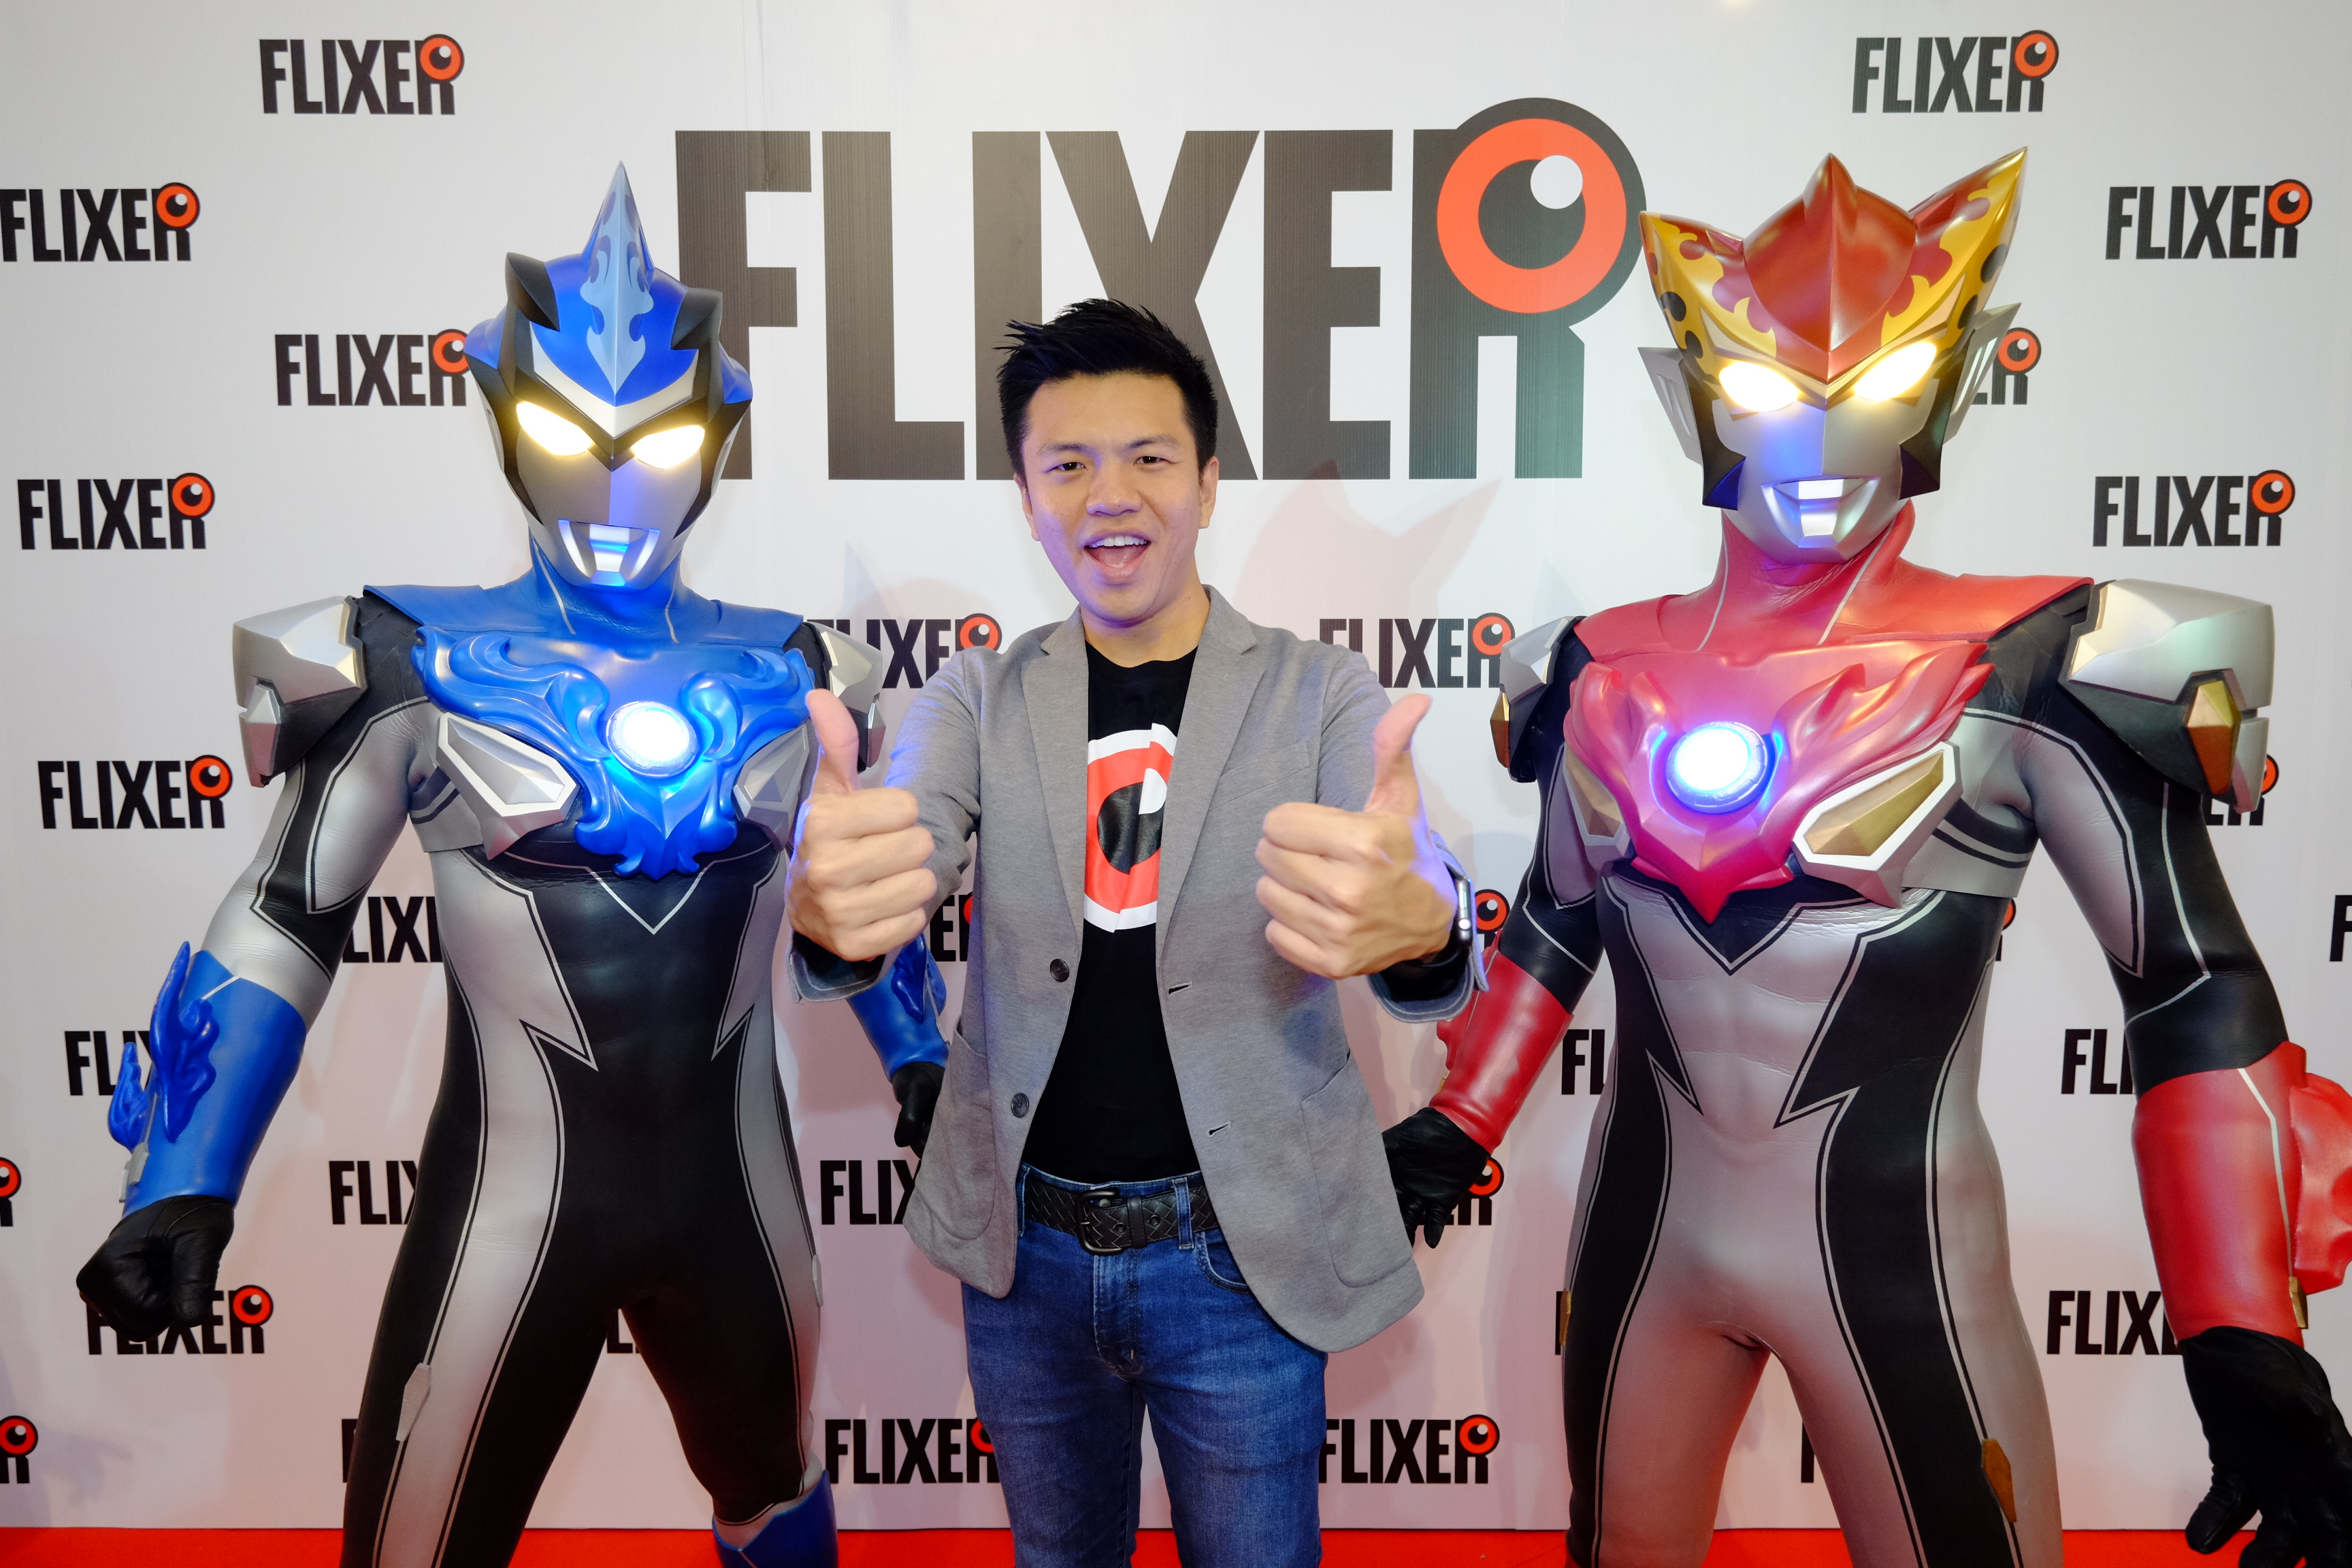 FLIXER แอปรวม บันเทิงญี่ปุ่น สุดมันส์!! ดูไม่อั้น 24 ชม. 1